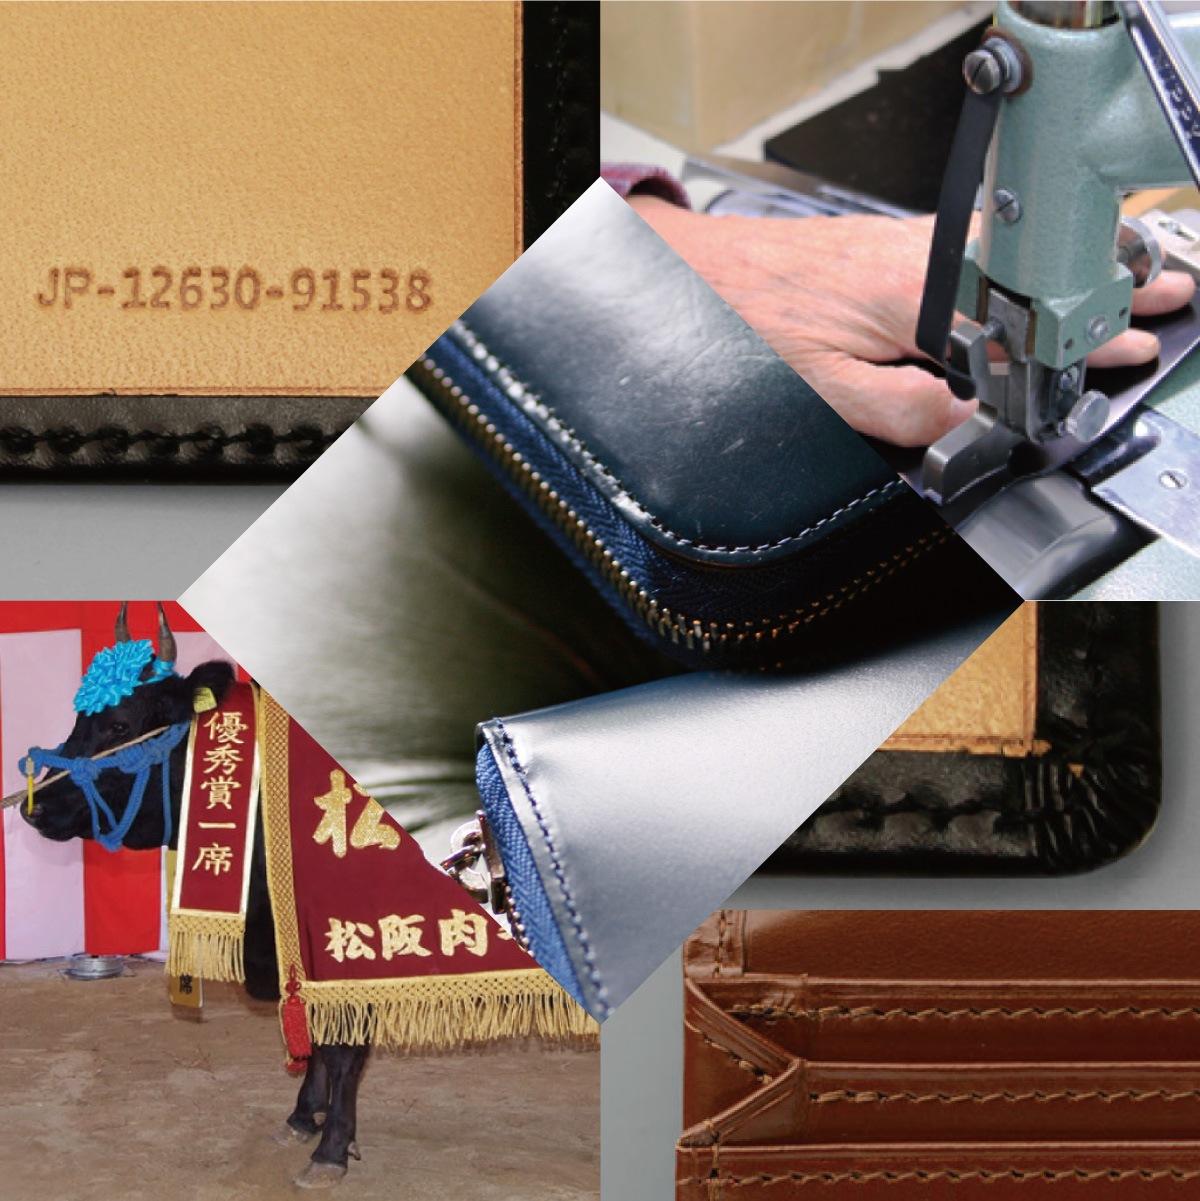 松阪レザーのプレミアム財布 さとりナチュラル ラウンドファスナー長財布 【カラー:藍】